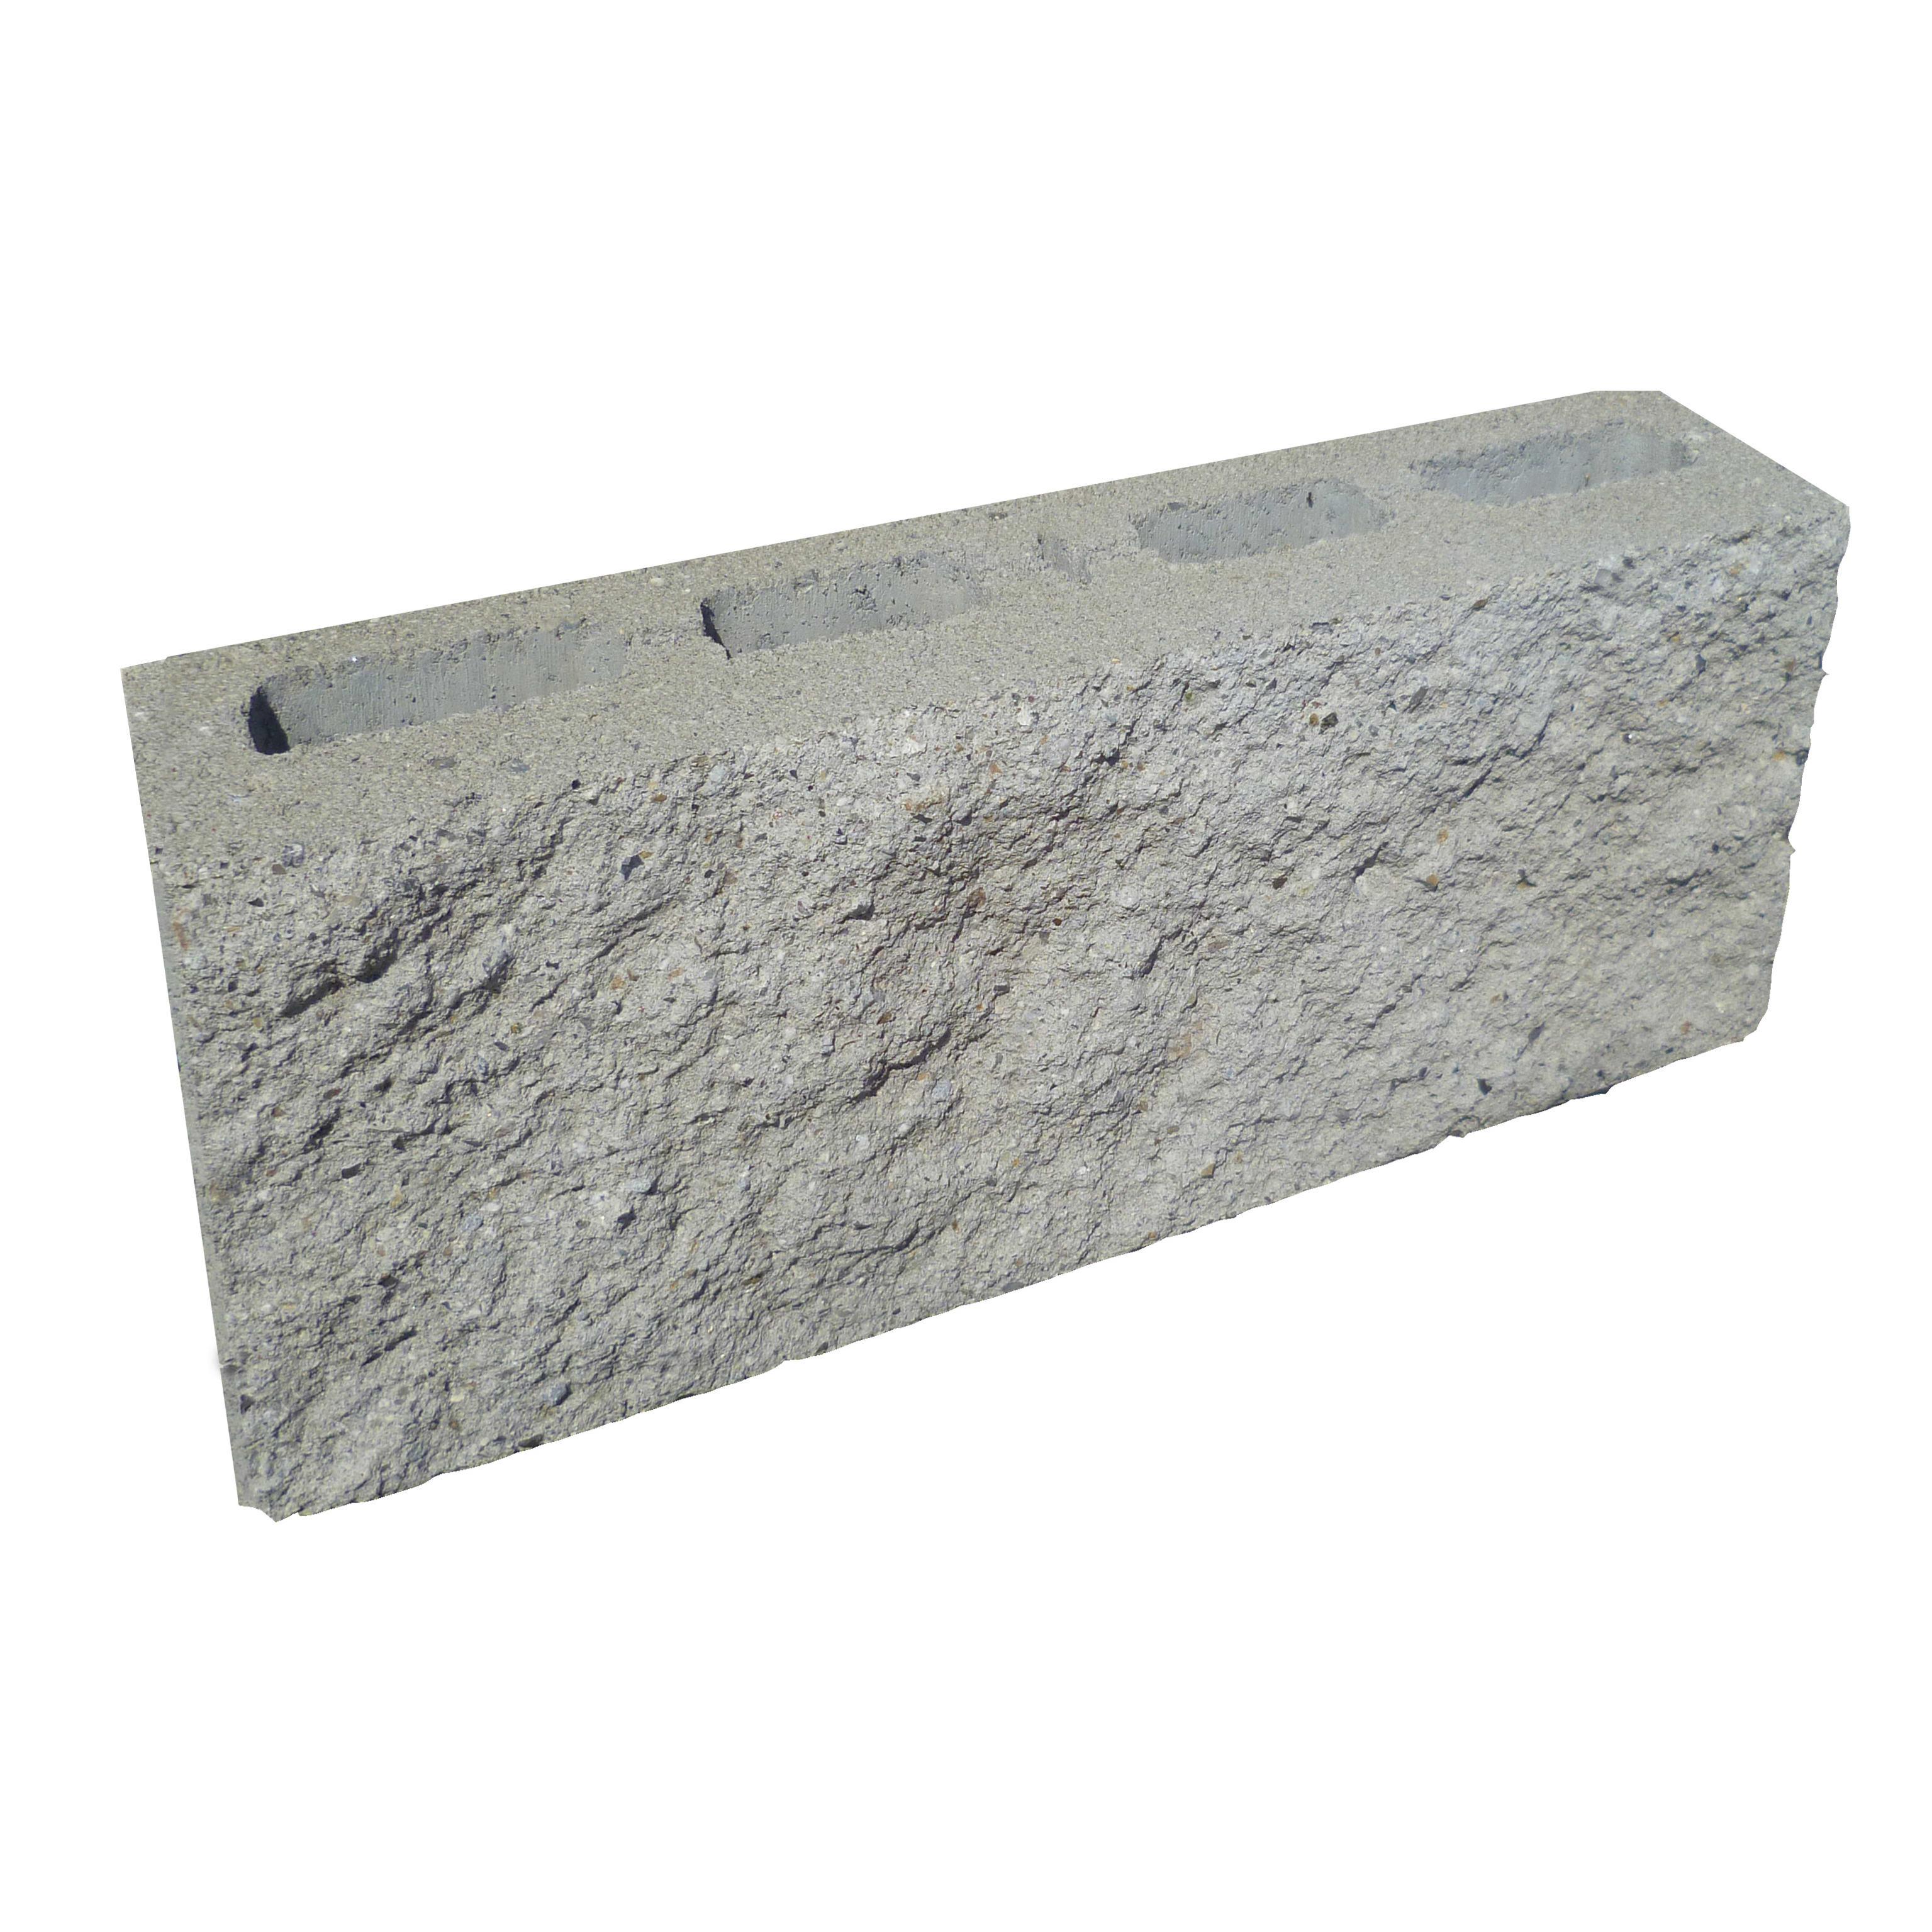 Blocco Cemento Forato 49 X 19 X 12 Cm Prezzi E Offerte Online